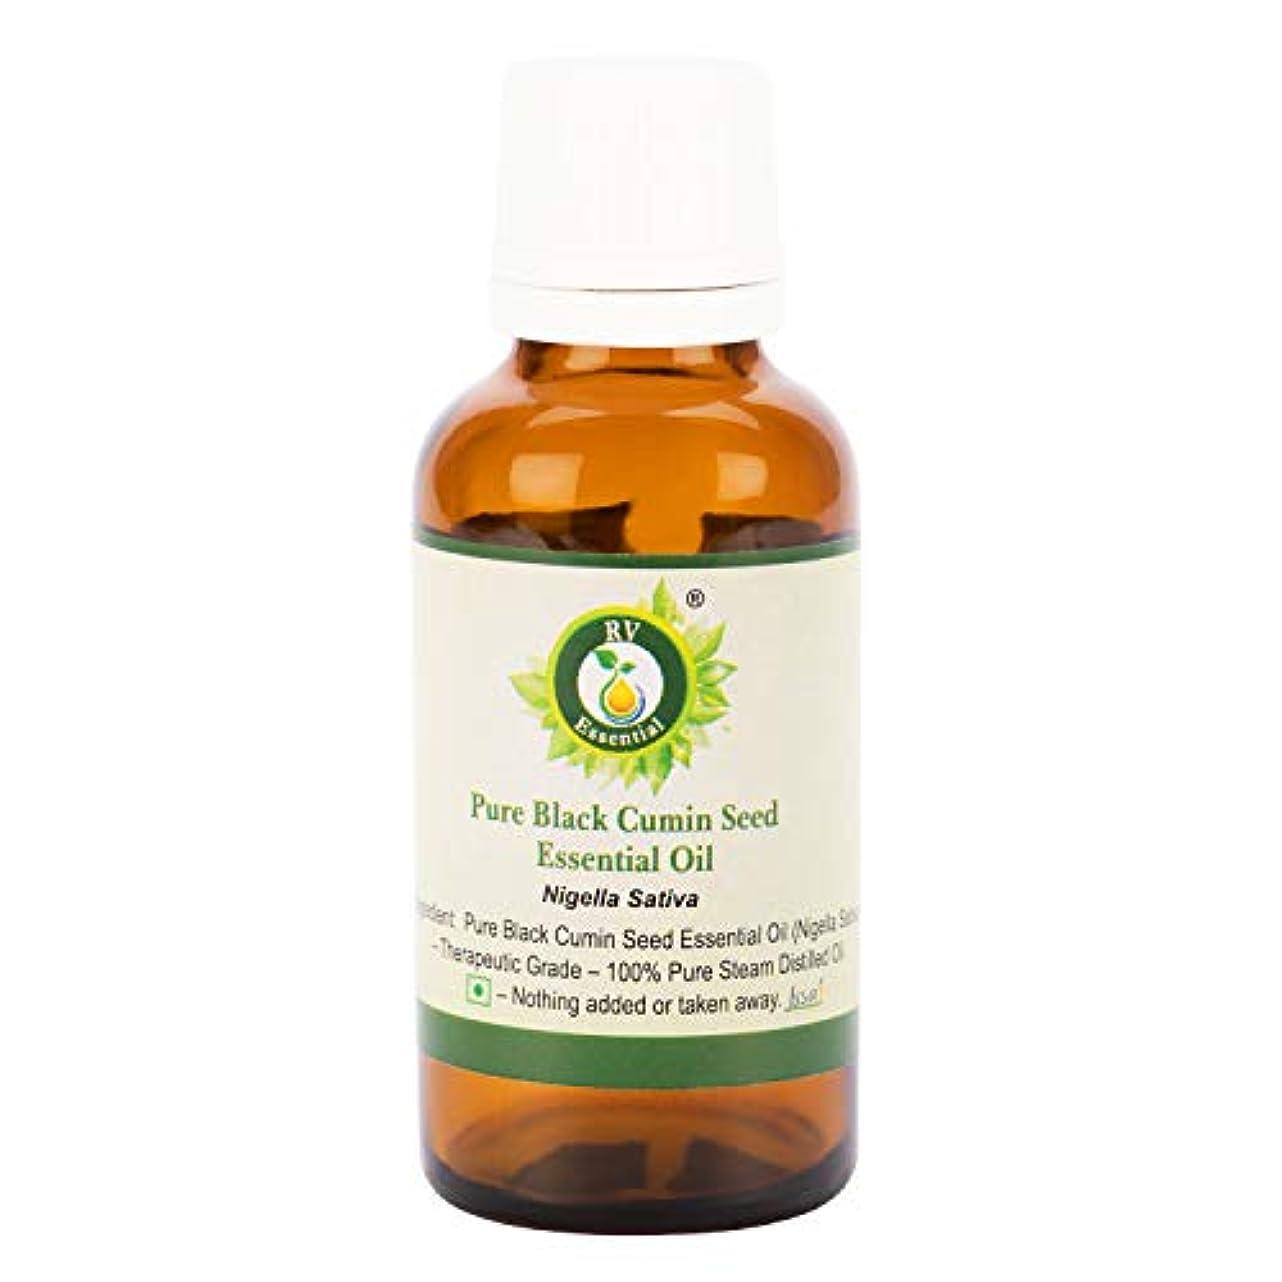 冗長省略外側ピュアブラッククミンシードエッセンシャルオイル5ml (0.169oz)- Nigella Sativa (100%純粋&天然スチームDistilled) Pure Black Cumin Seed Essential...